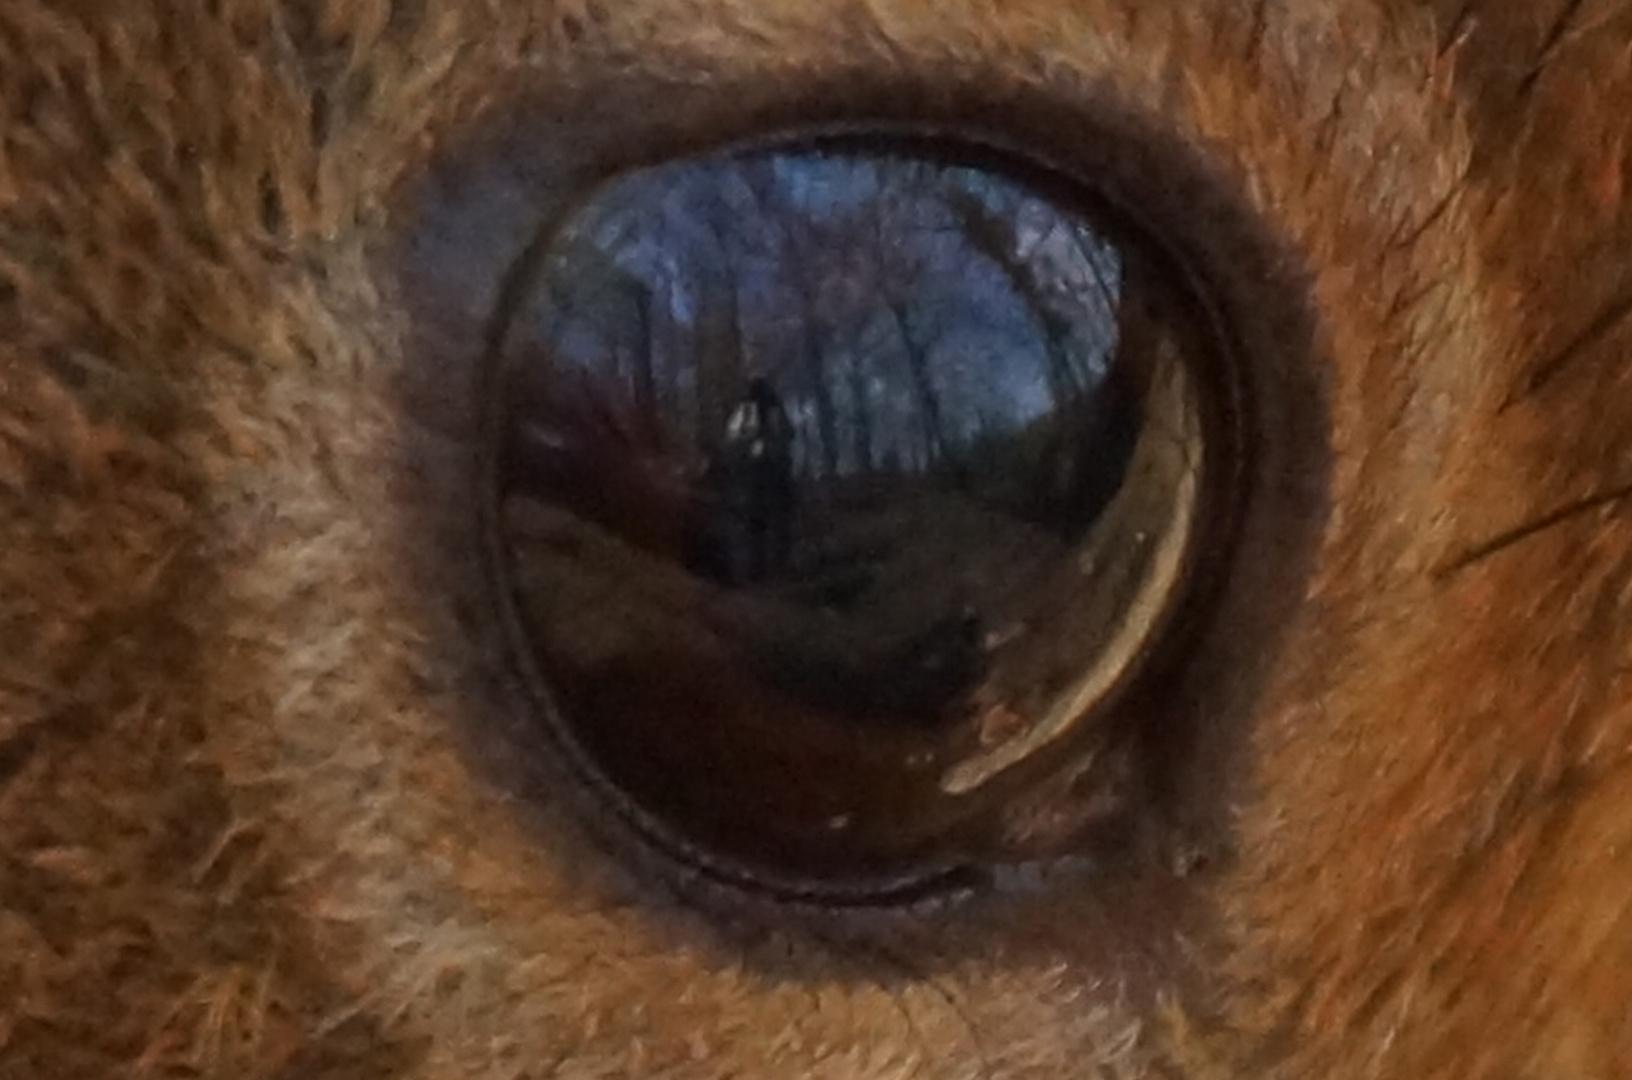 Spiegelung im Auge